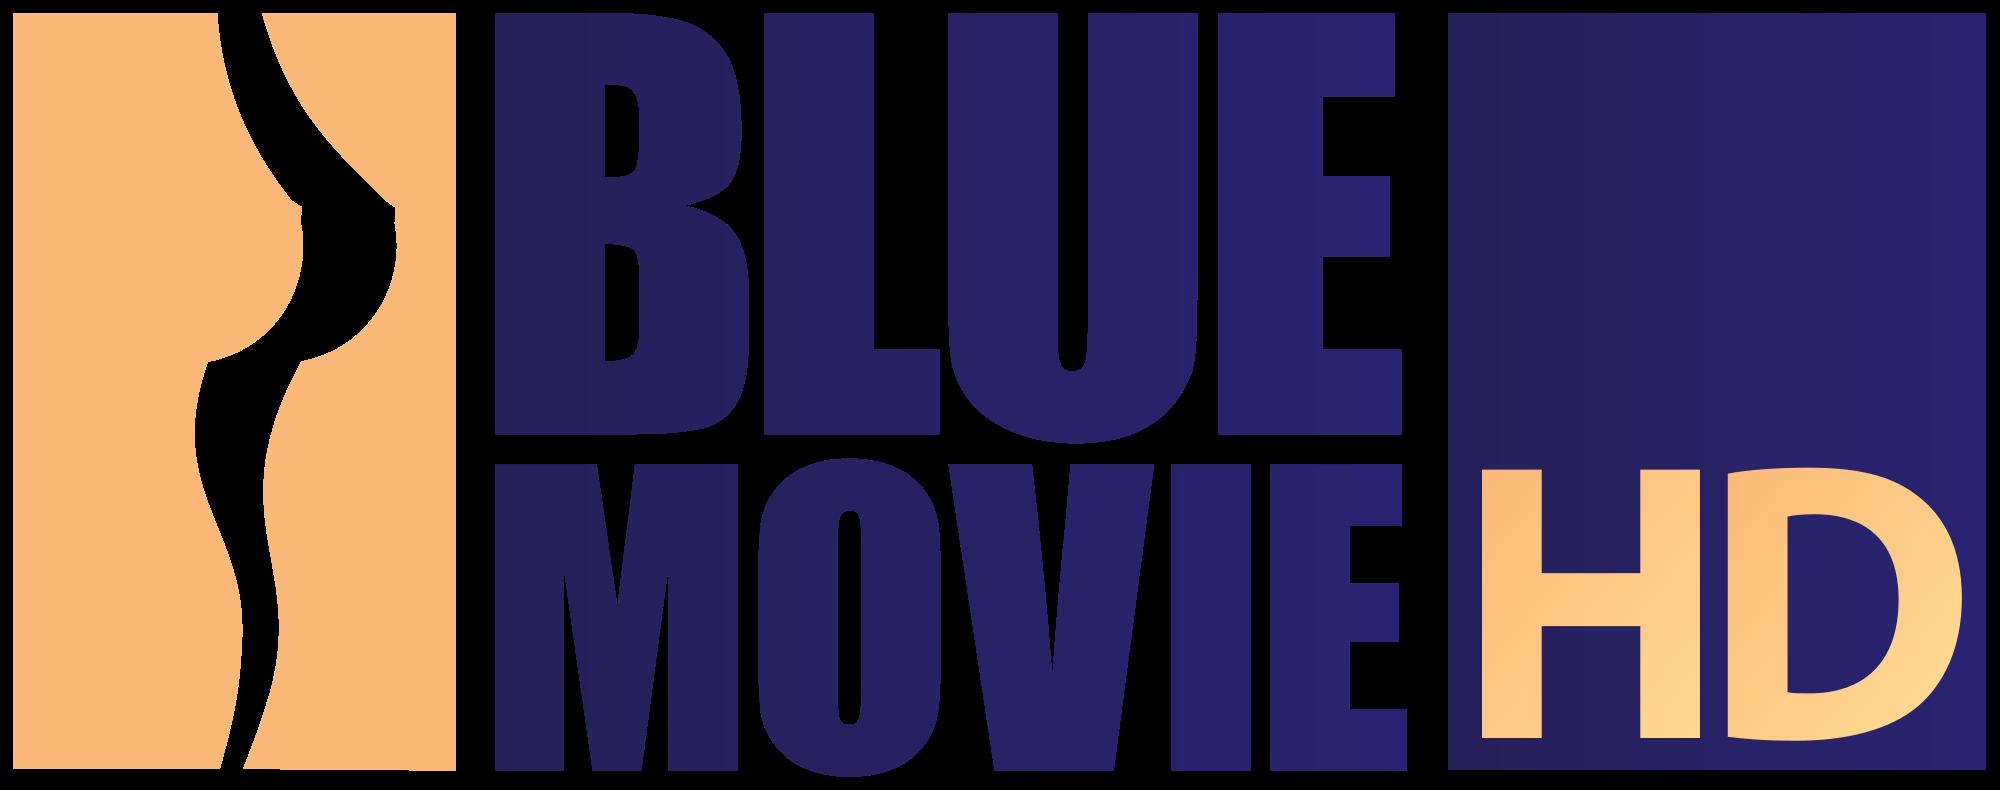 Movie PNG HD  - 126556